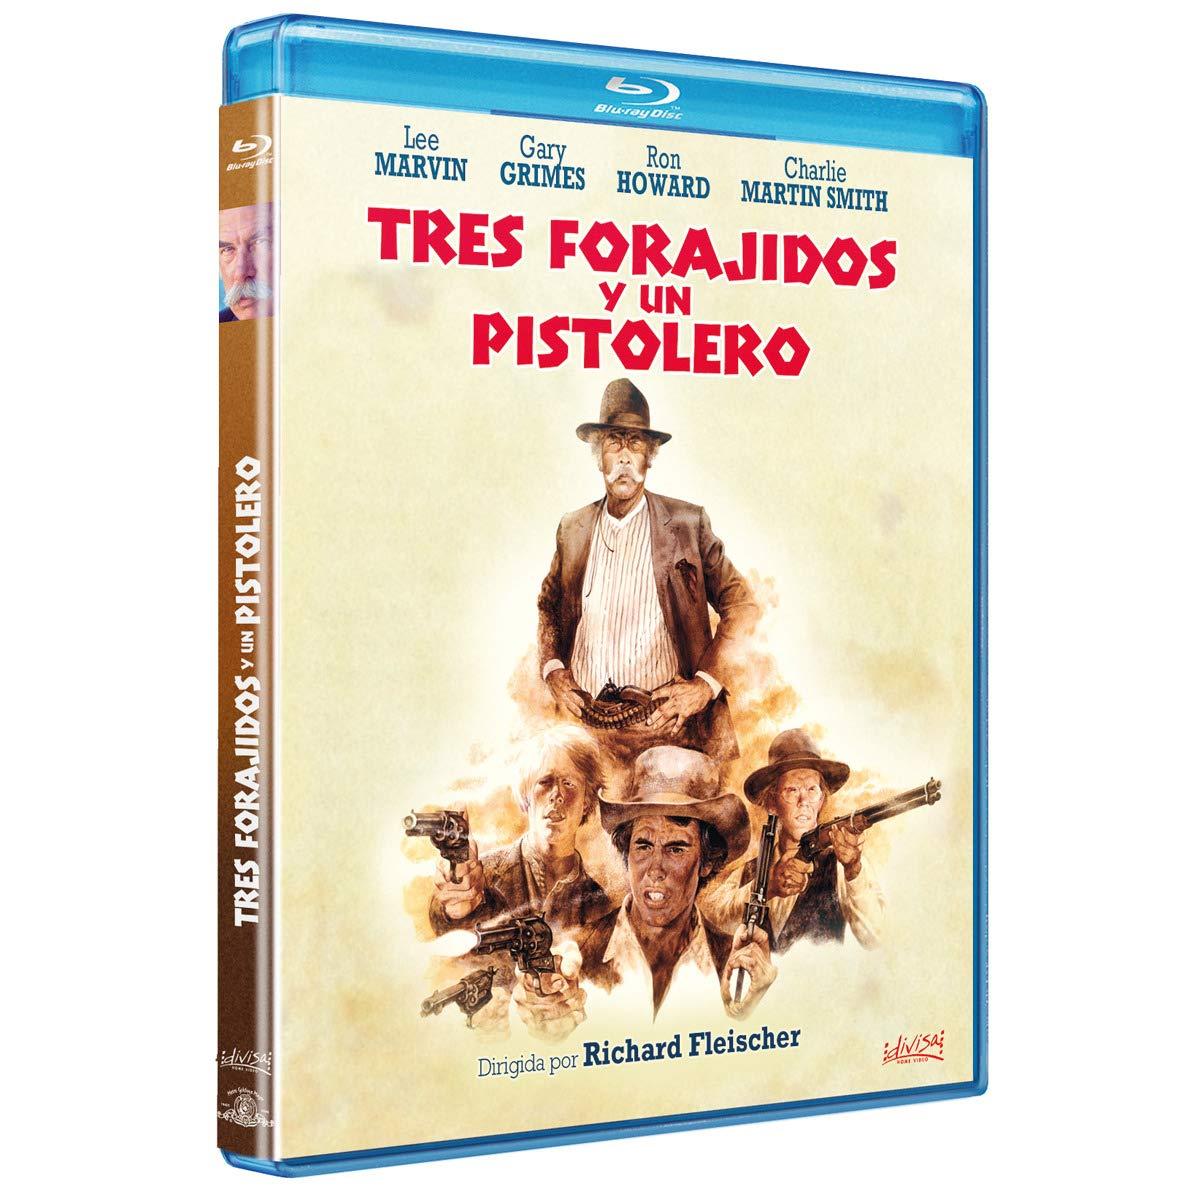 Tres Forajidos y un Pistolero [Blu-ray]: Amazon.es: Lee Marvin ...